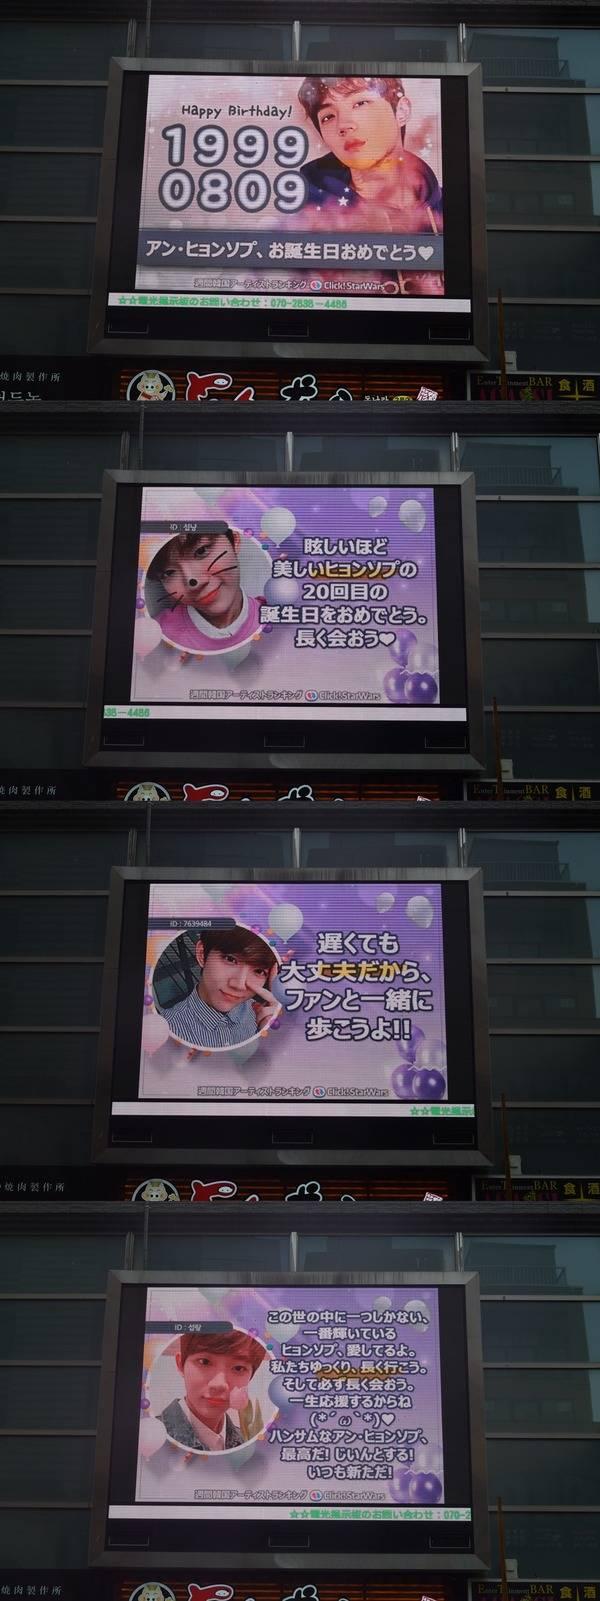 안형섭, 생일 축하해 9일 듀오 형섭X의웅의 안형섭의 생일을 맞아 일본 도쿄에 위치한 전광판에서 축하 영상이 상영 중이다. /클릭스타워즈